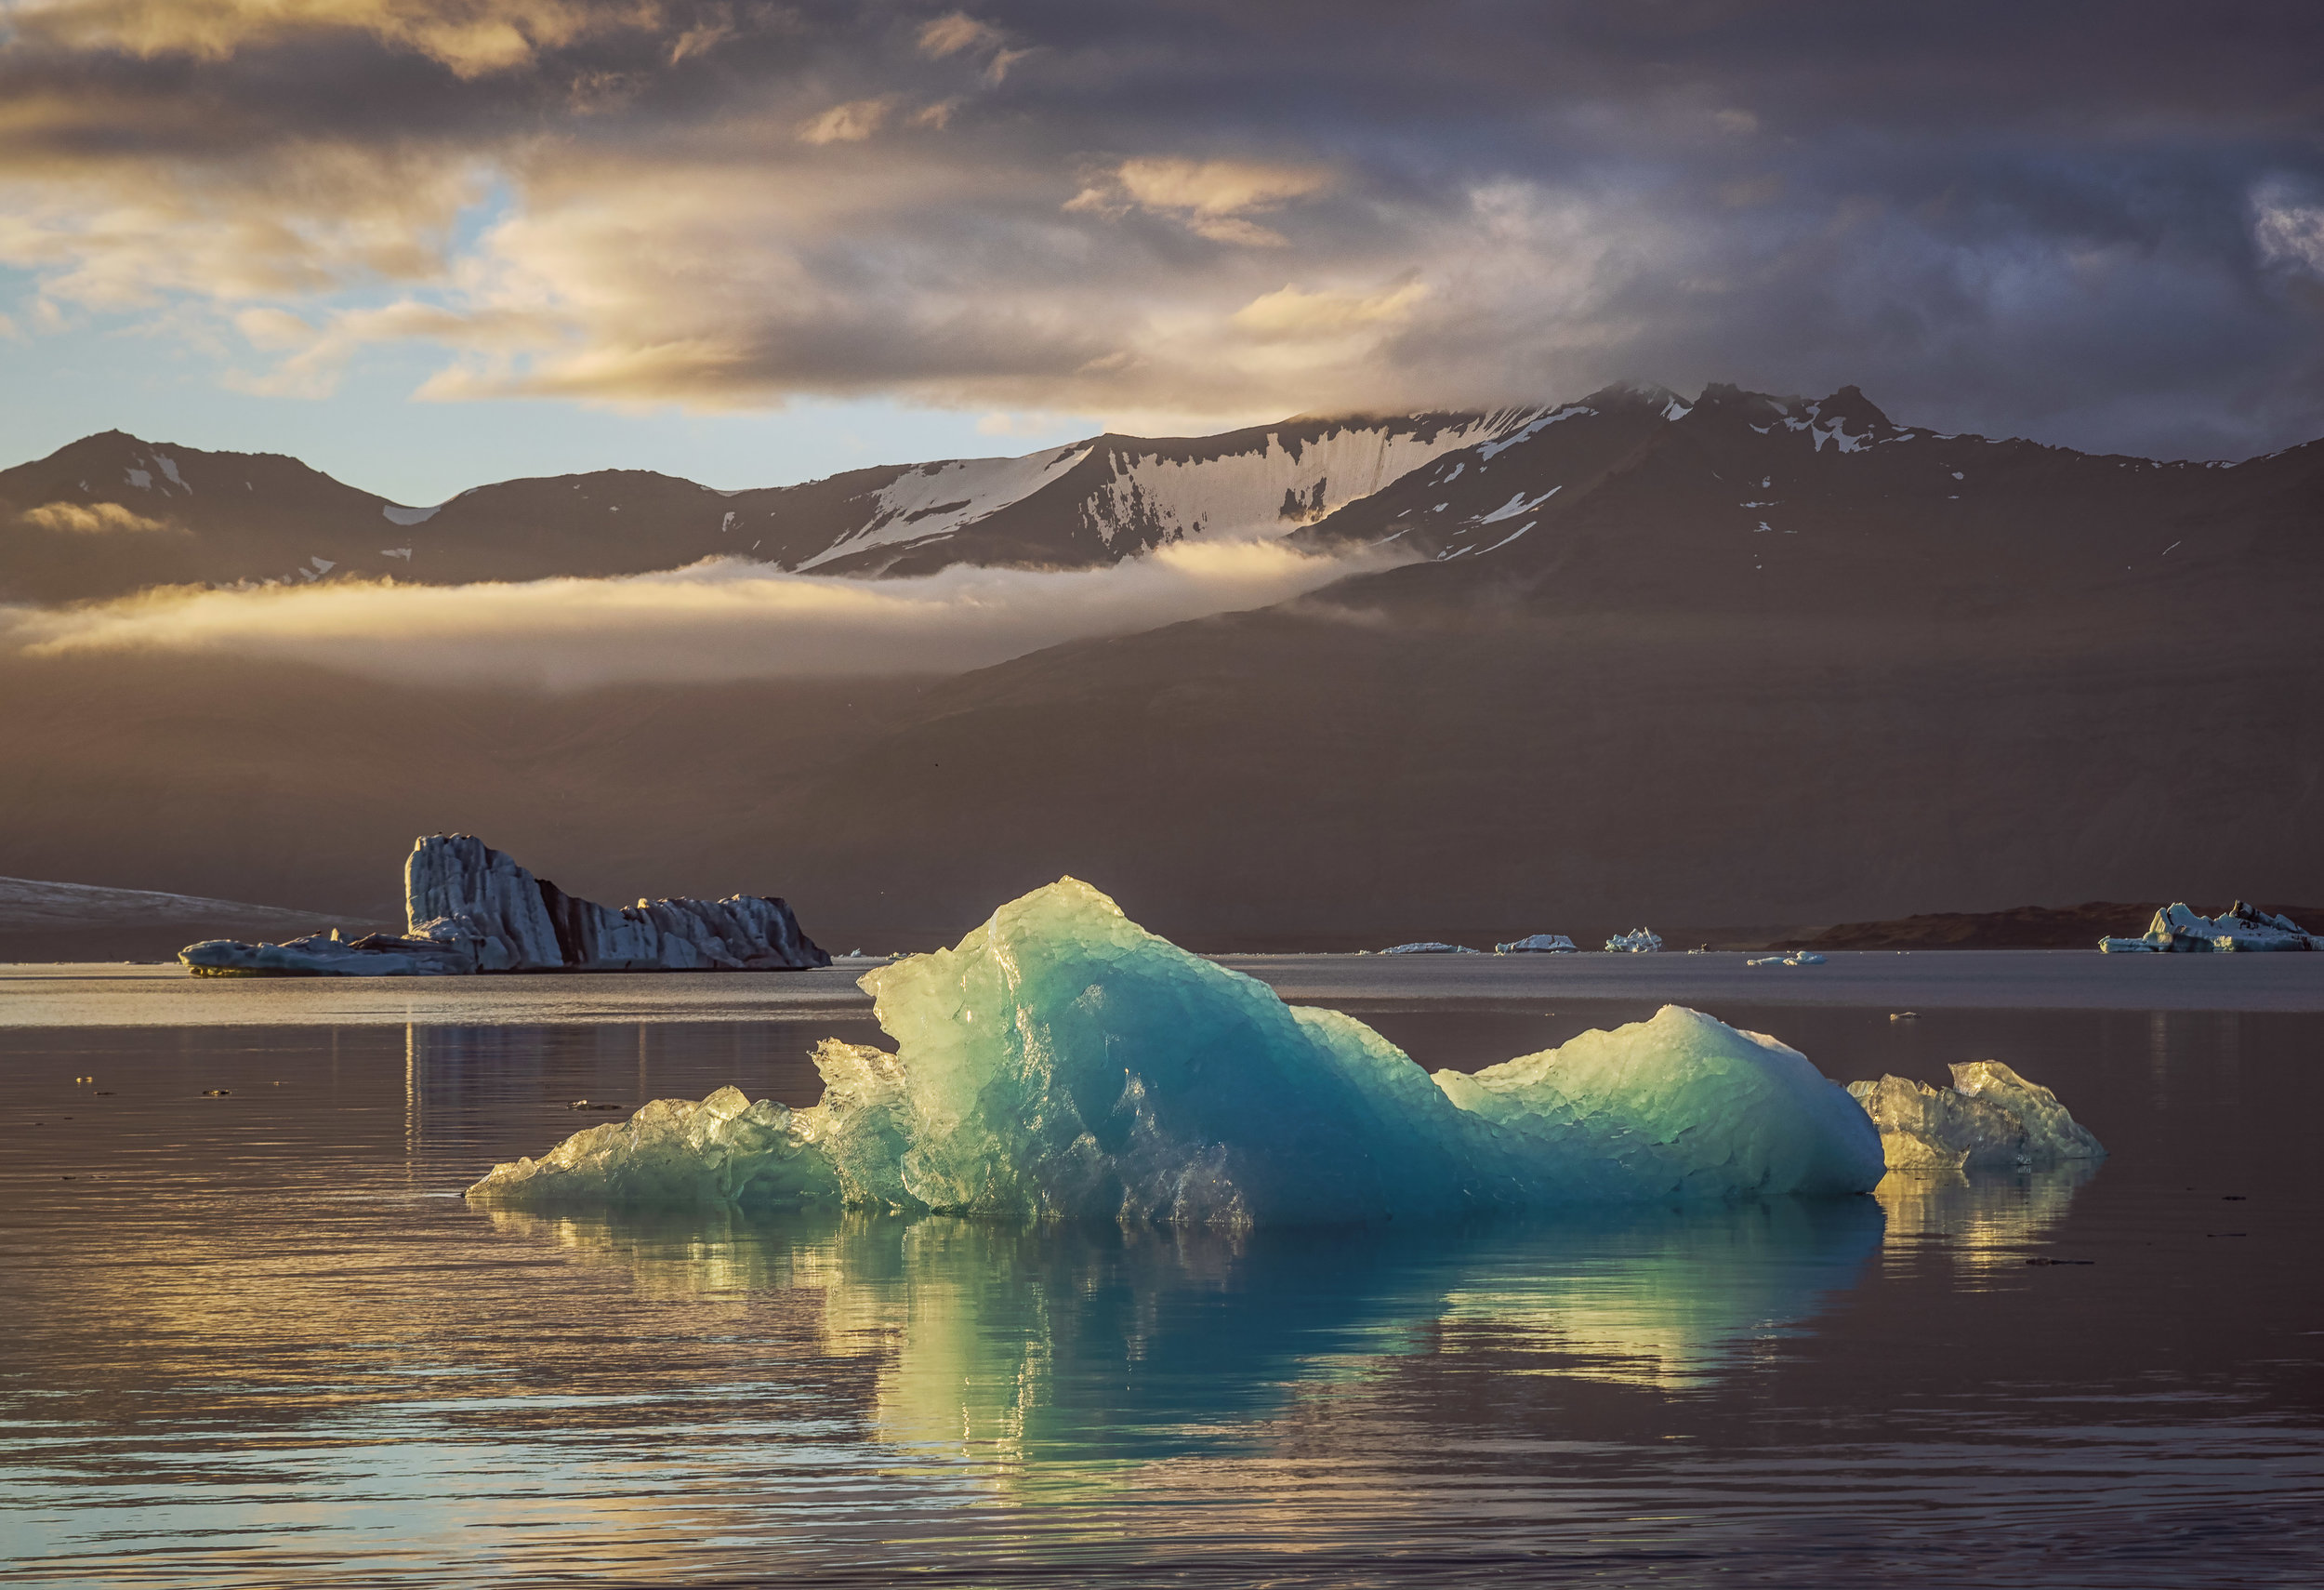 Sunset at the popular Jokulsarlon Glacial Lagoon